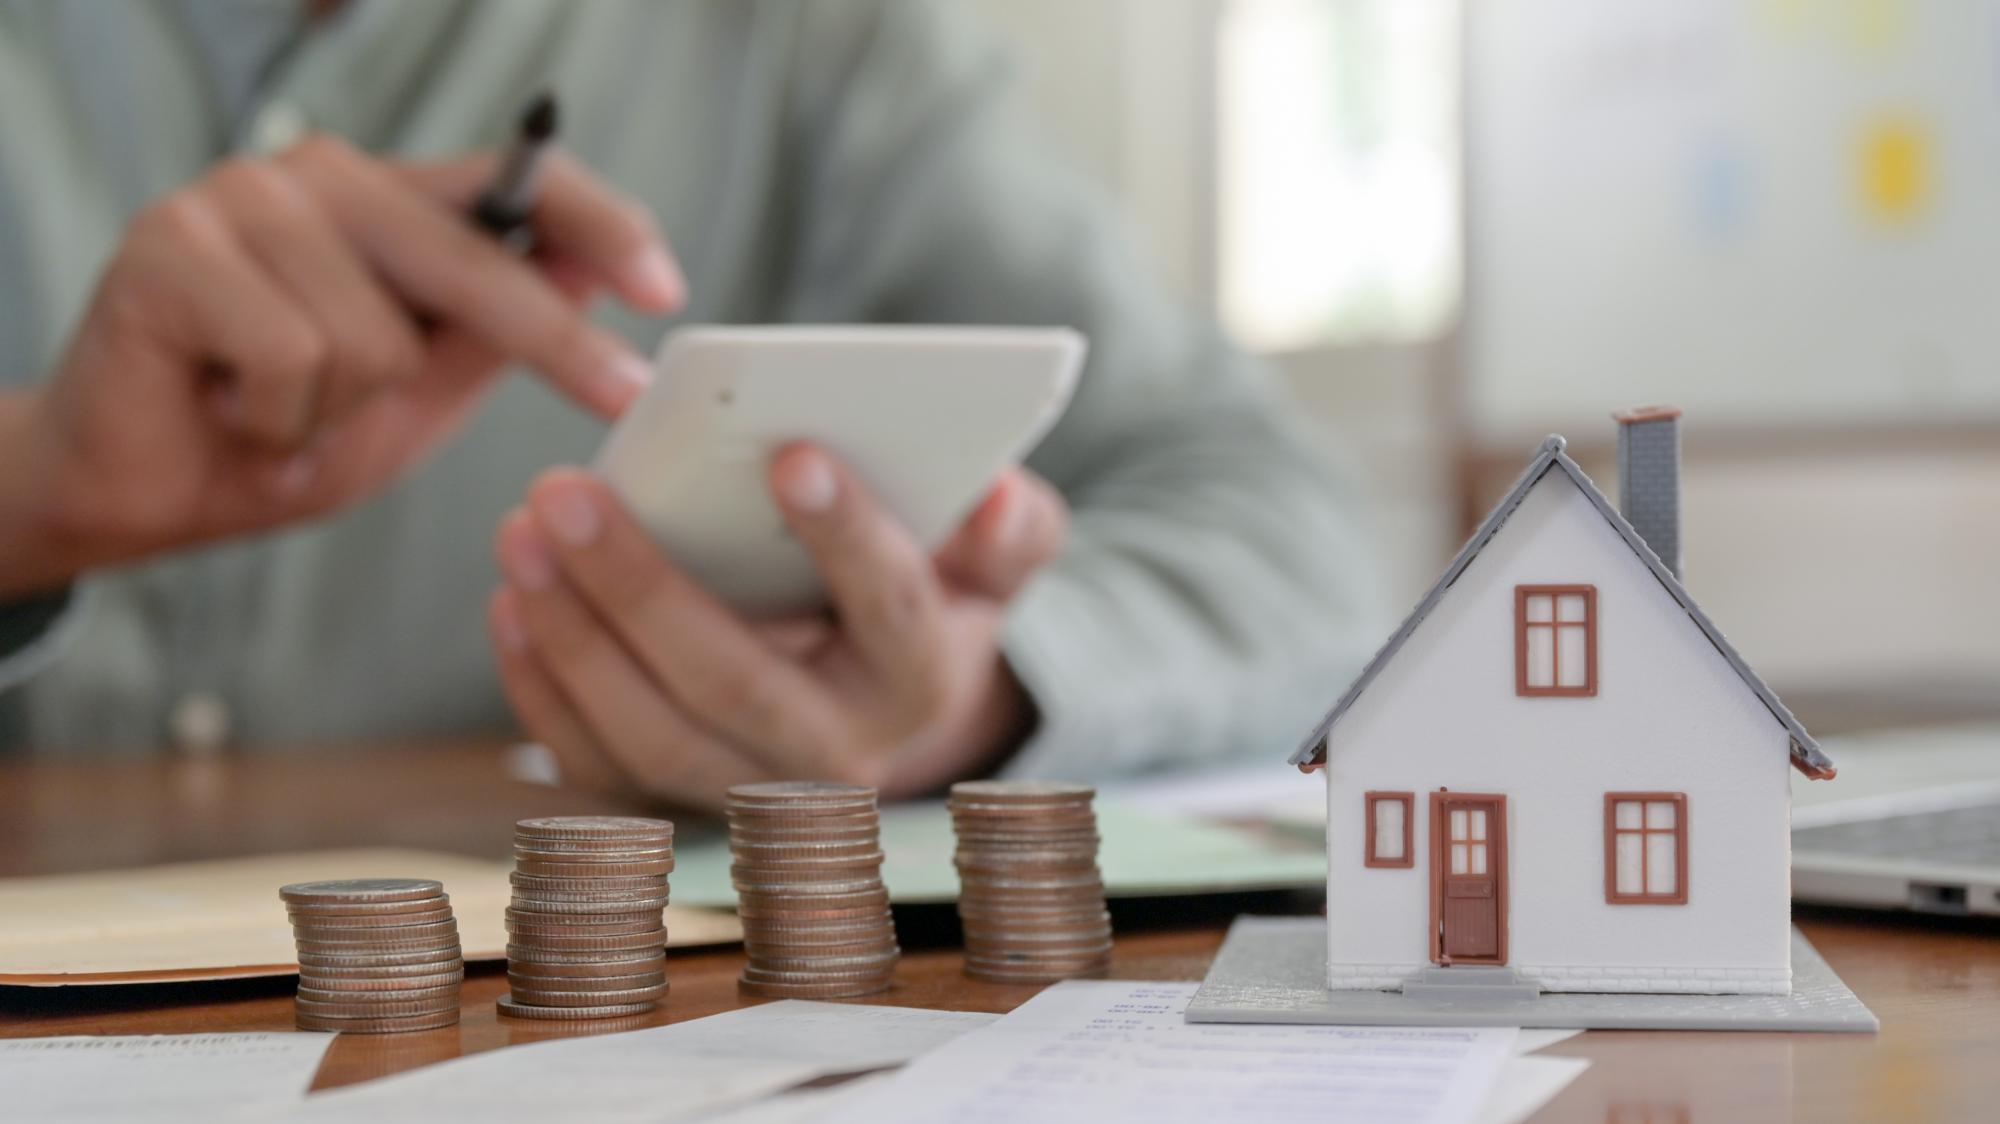 Минфин разъяснил особенности восстановления НДС, принятого к вычету при приобретении объекта недвижимости